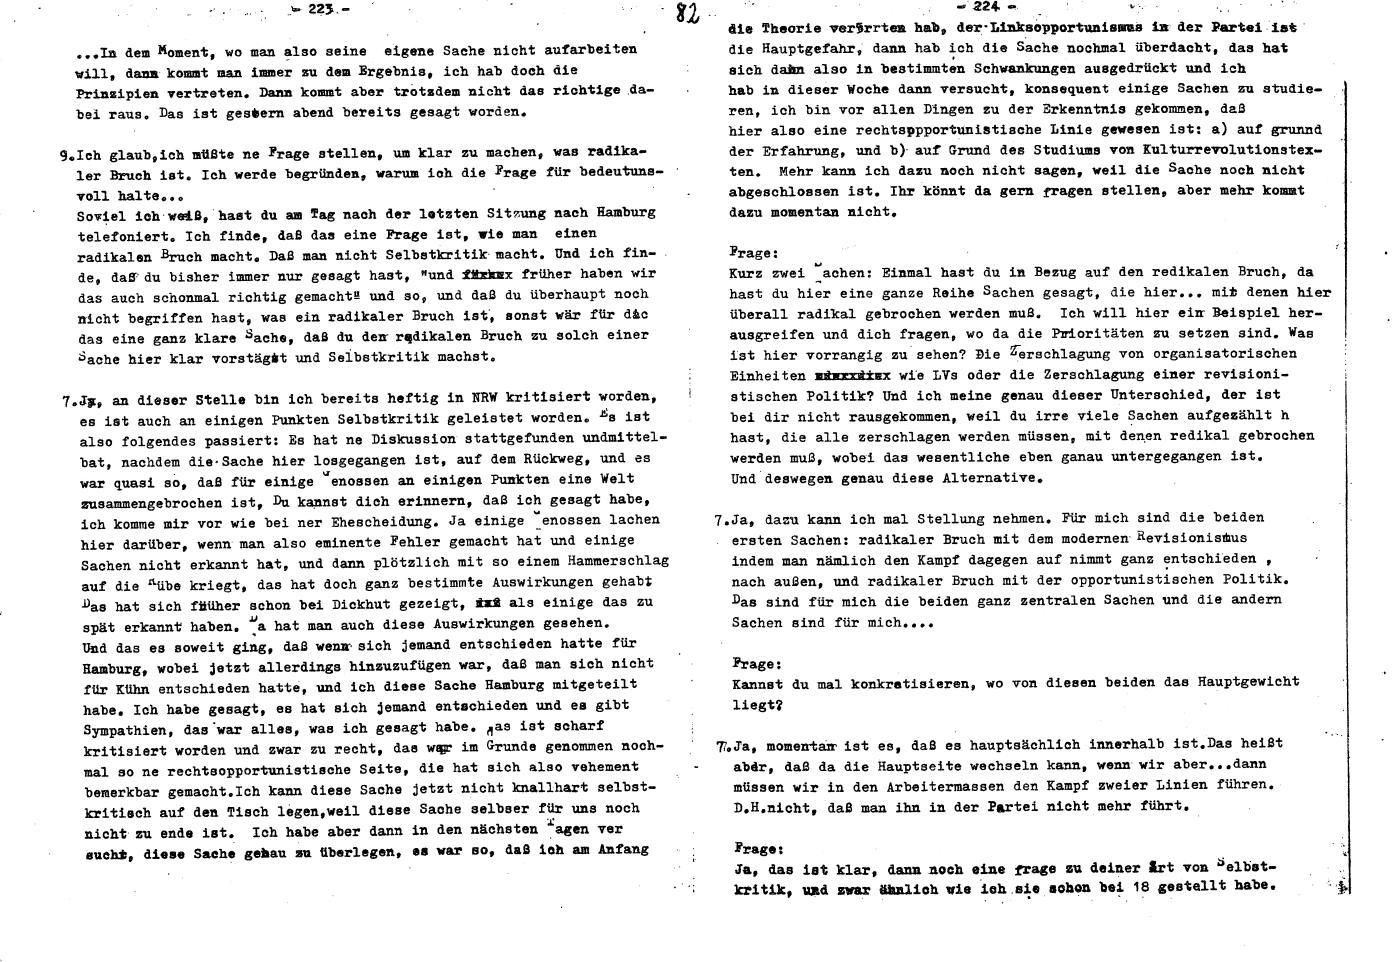 KPDML_1971_Wortprotokolle_aoPt_076